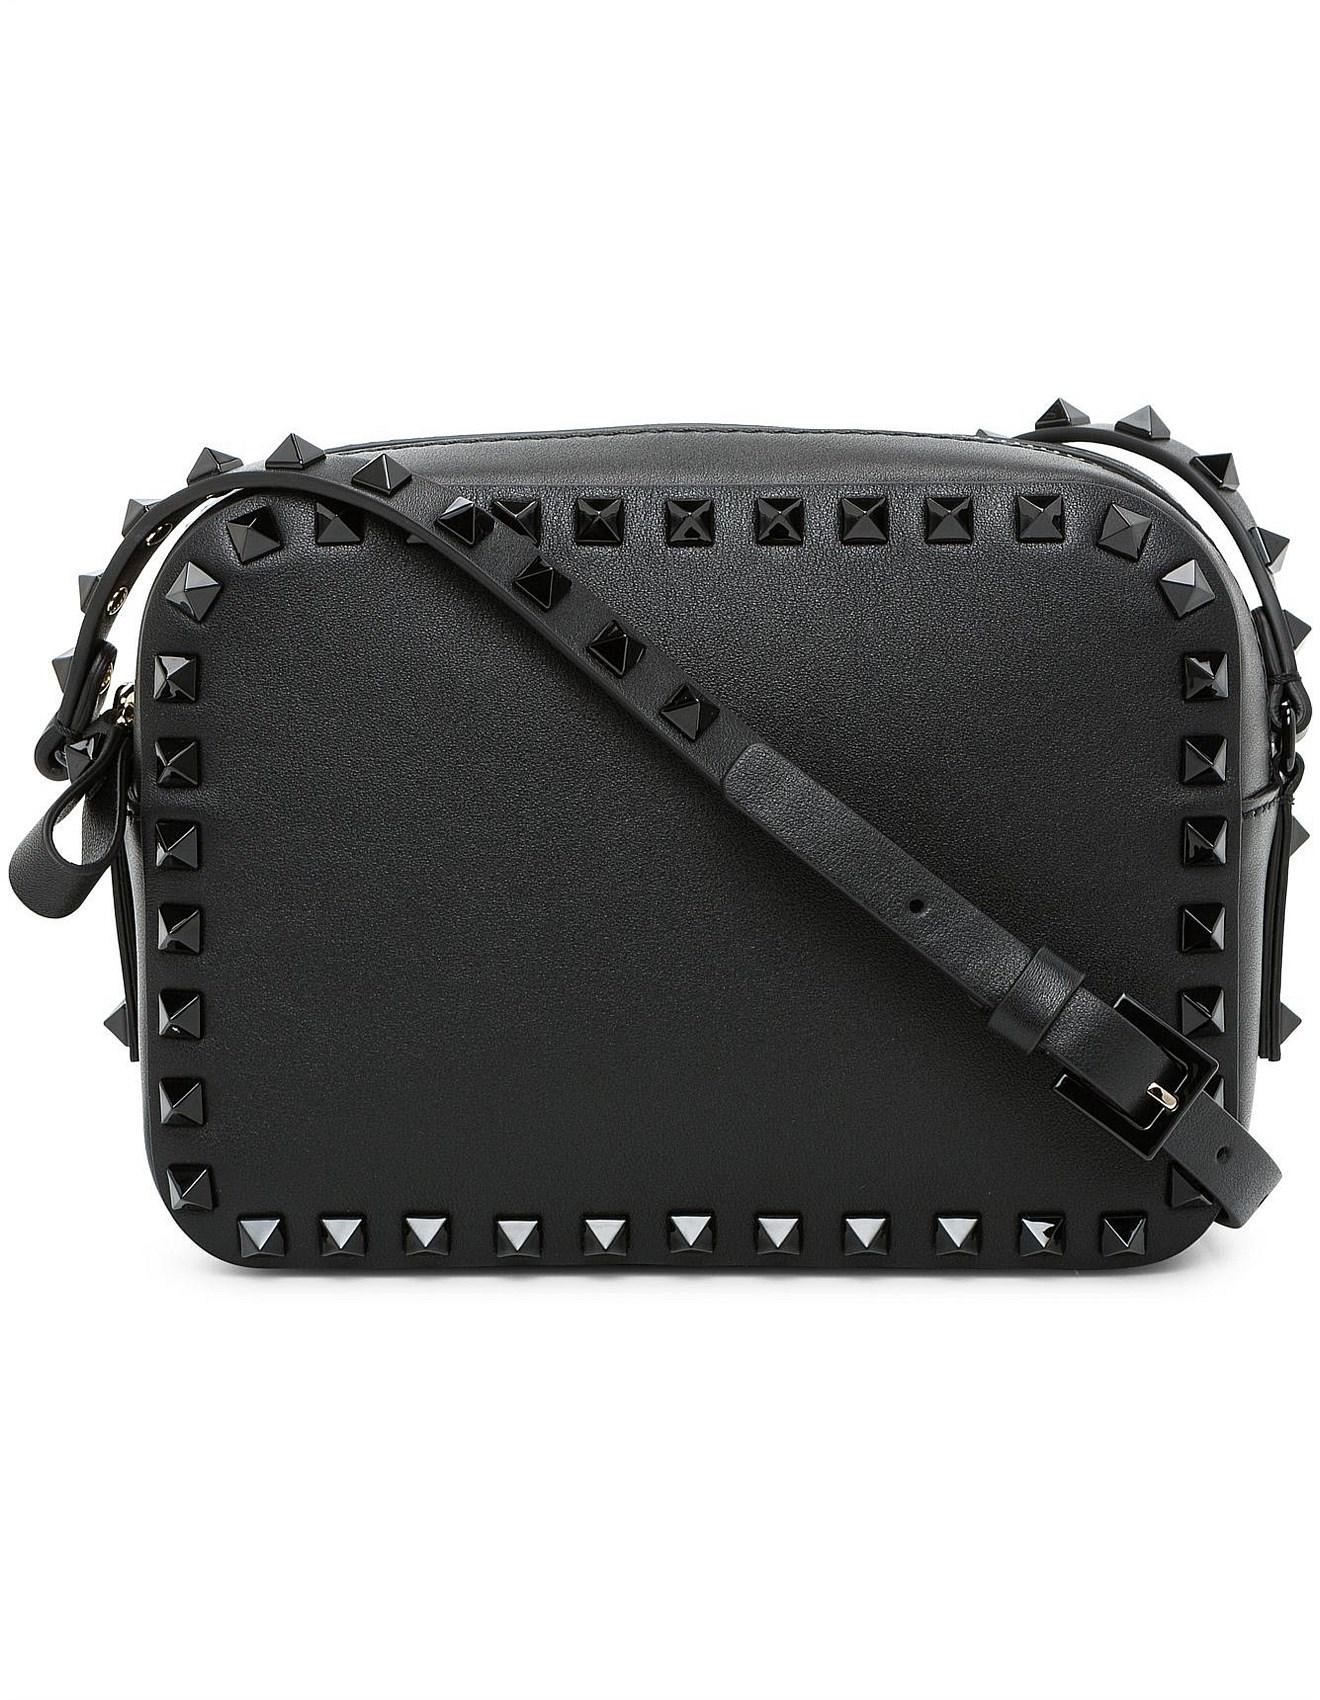 9884e1a1d5 Designer Handbags For Women